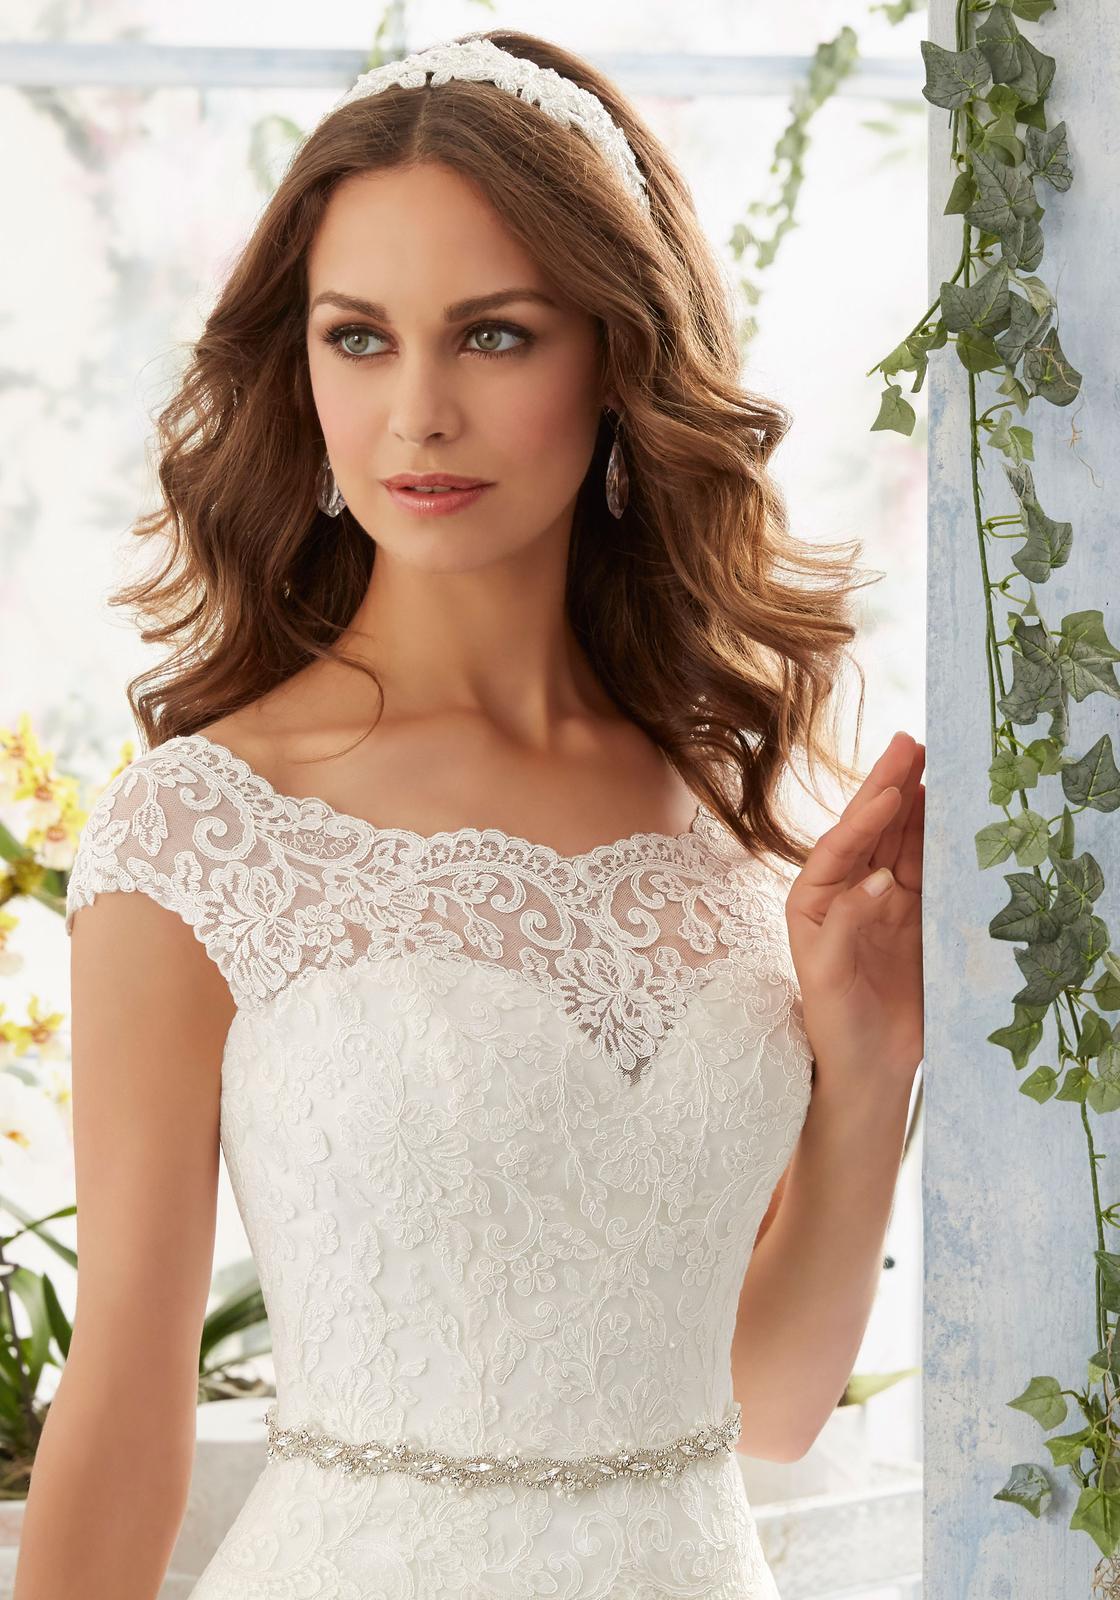 Svadobné šaty JASMINE v salóne v BA - JASMINE - nová kolekcia